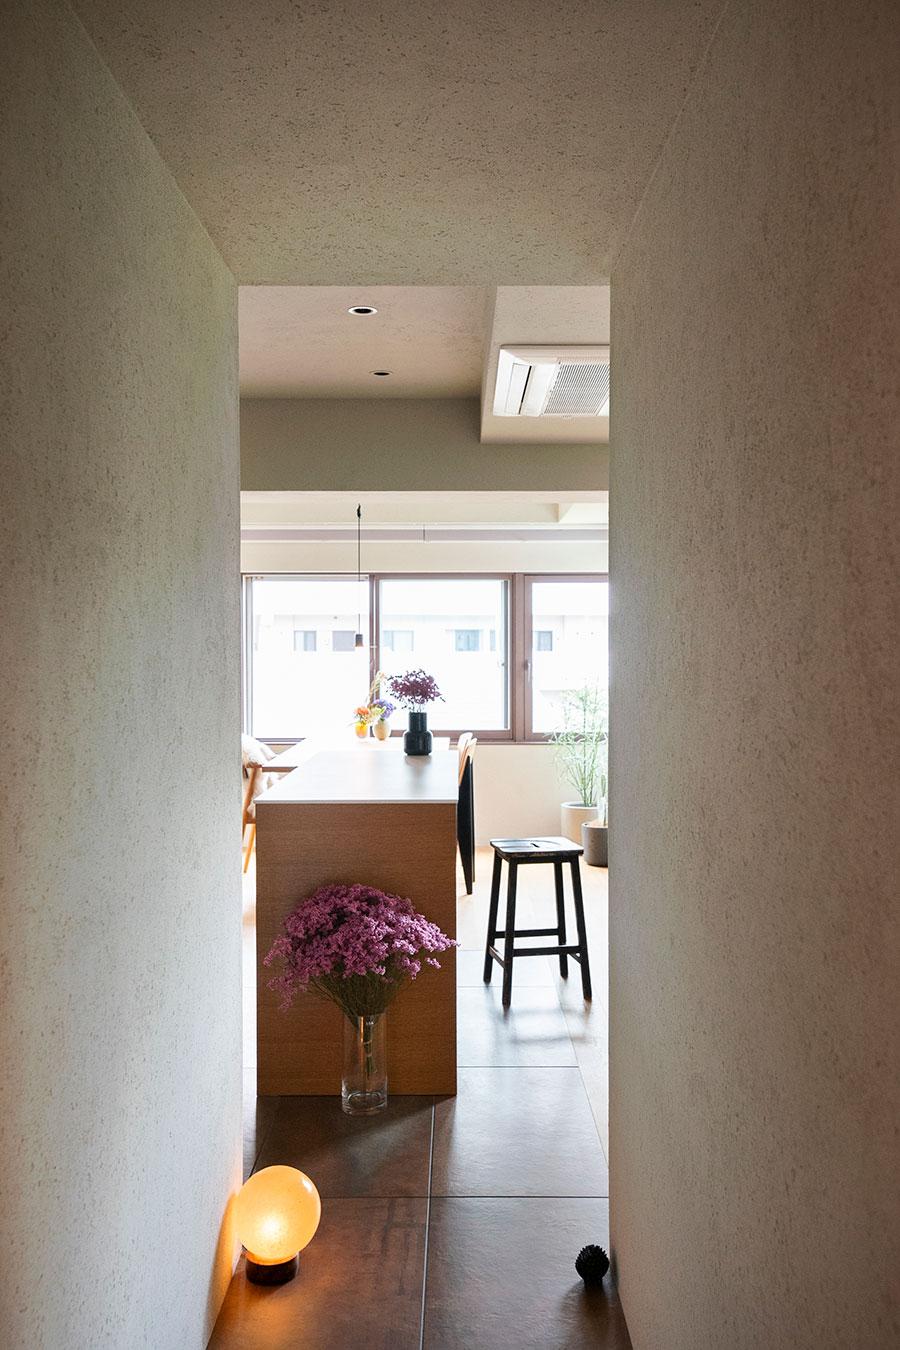 玄関からLDKに抜ける廊下はトンネルのよう。錆色の床のタイルが導いてくれる。